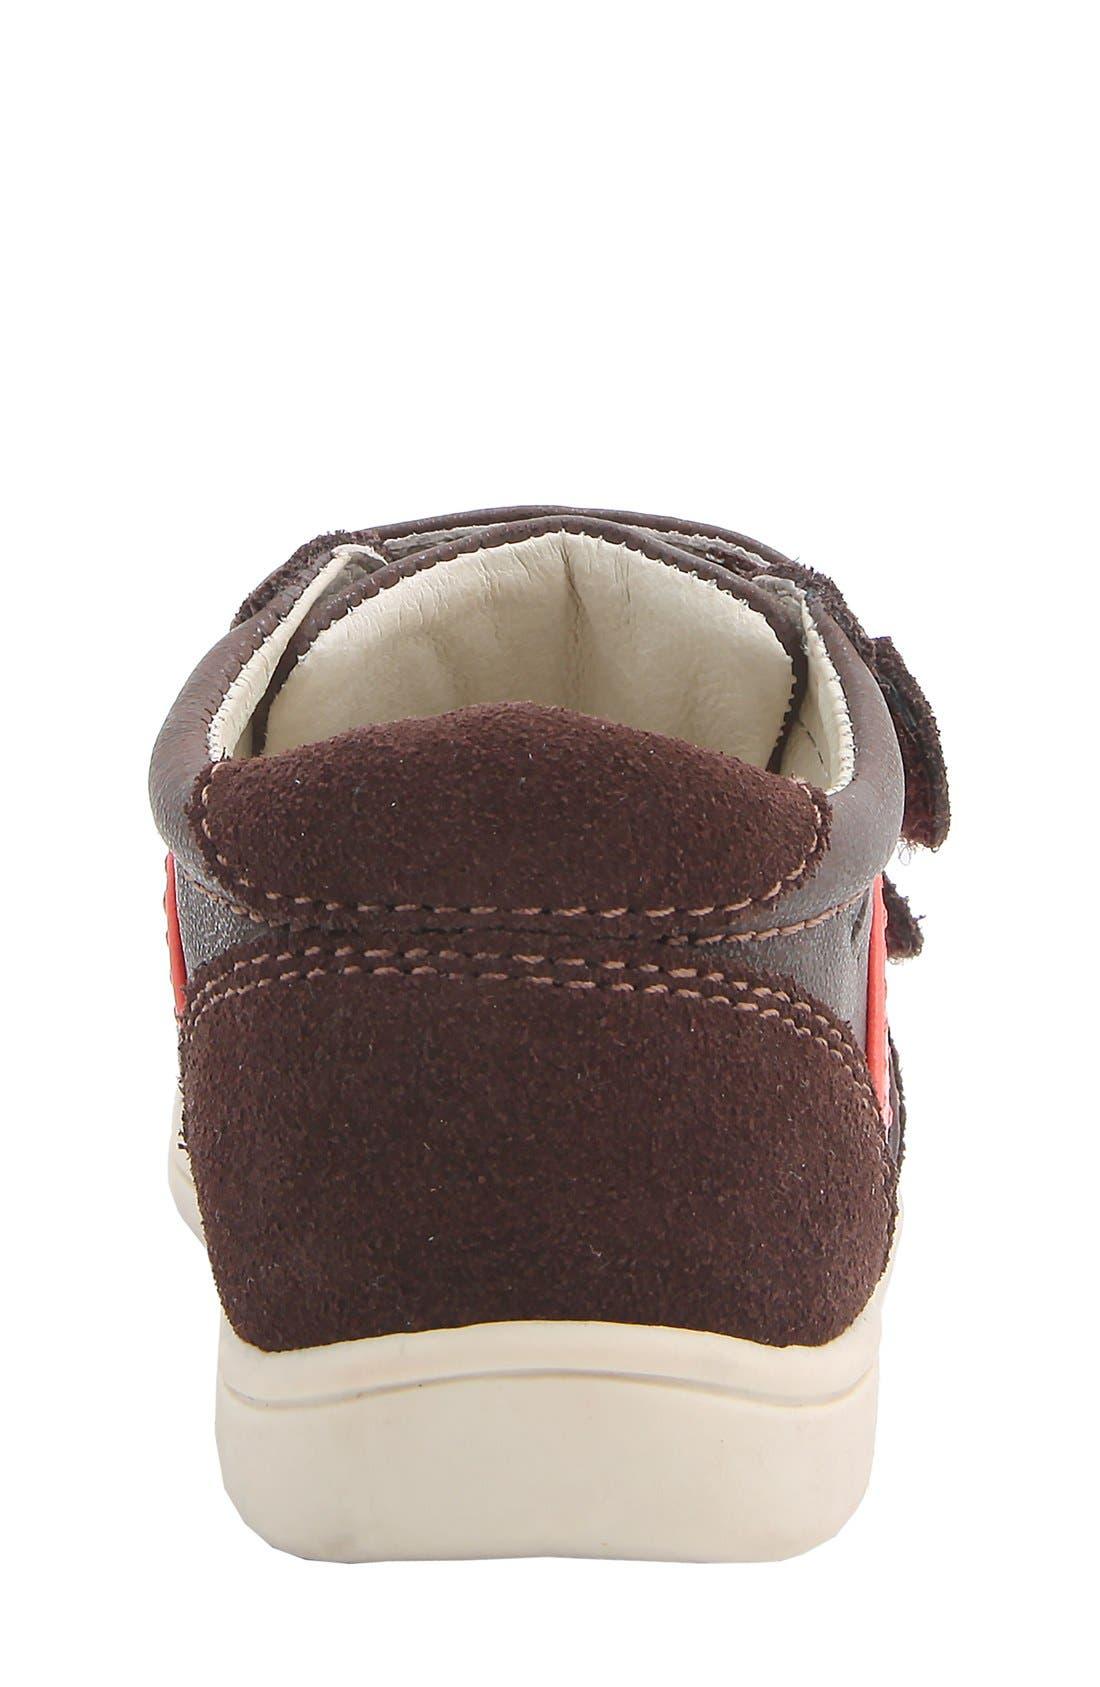 Nina 'Everest' Sneaker,                             Alternate thumbnail 24, color,